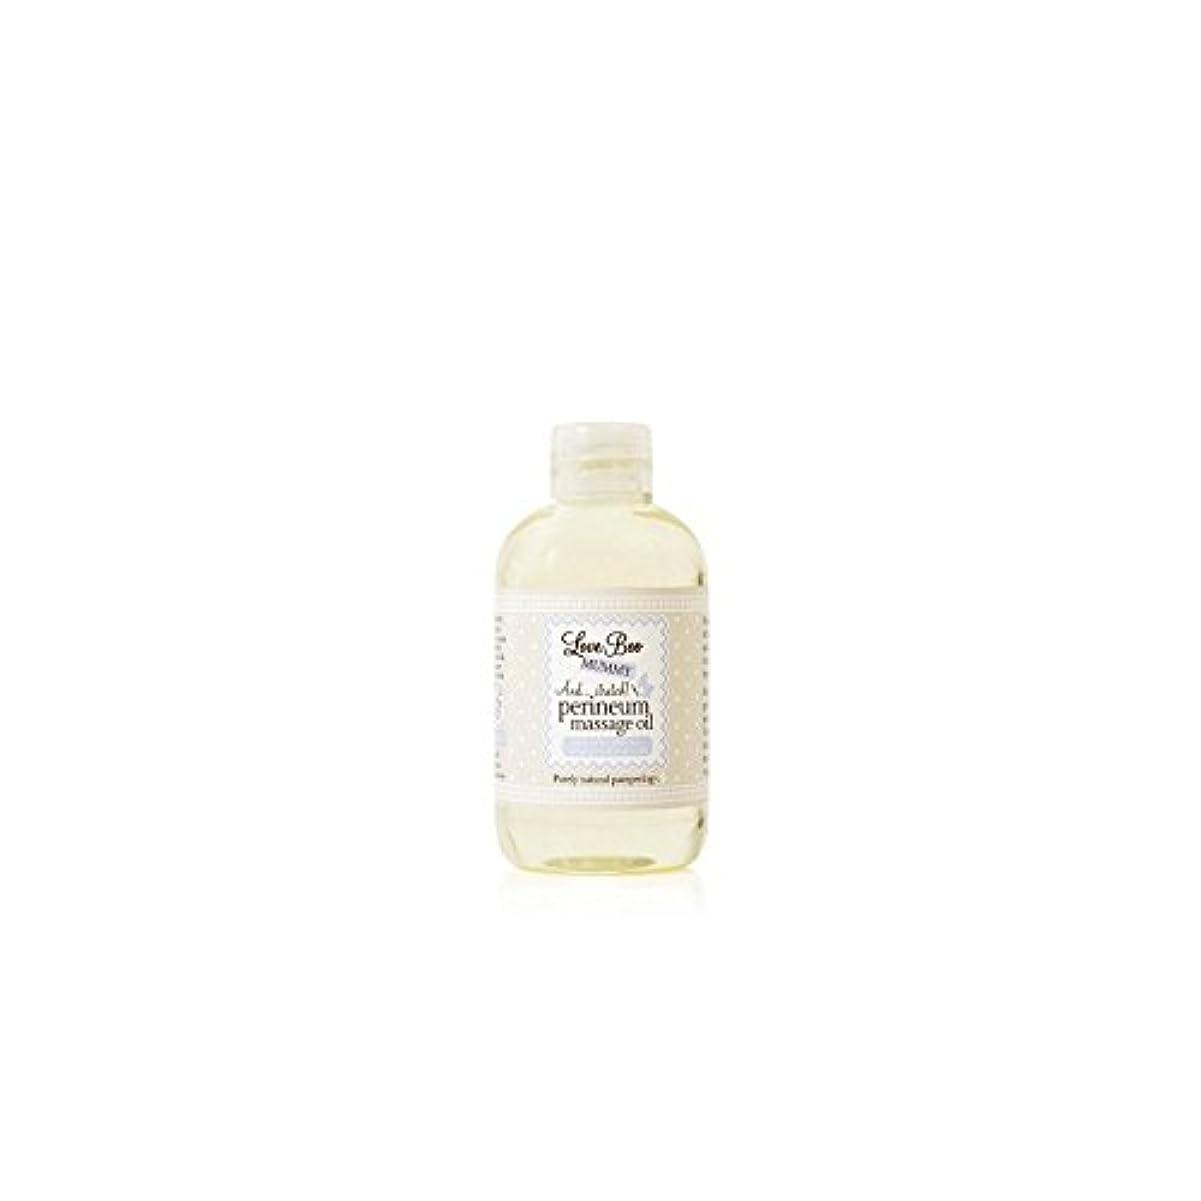 協力的控えめな謎Love Boo Perineum Massage Oil (100ml) (Pack of 6) - 会陰マッサージオイル(100)にブーイングの愛 x6 [並行輸入品]